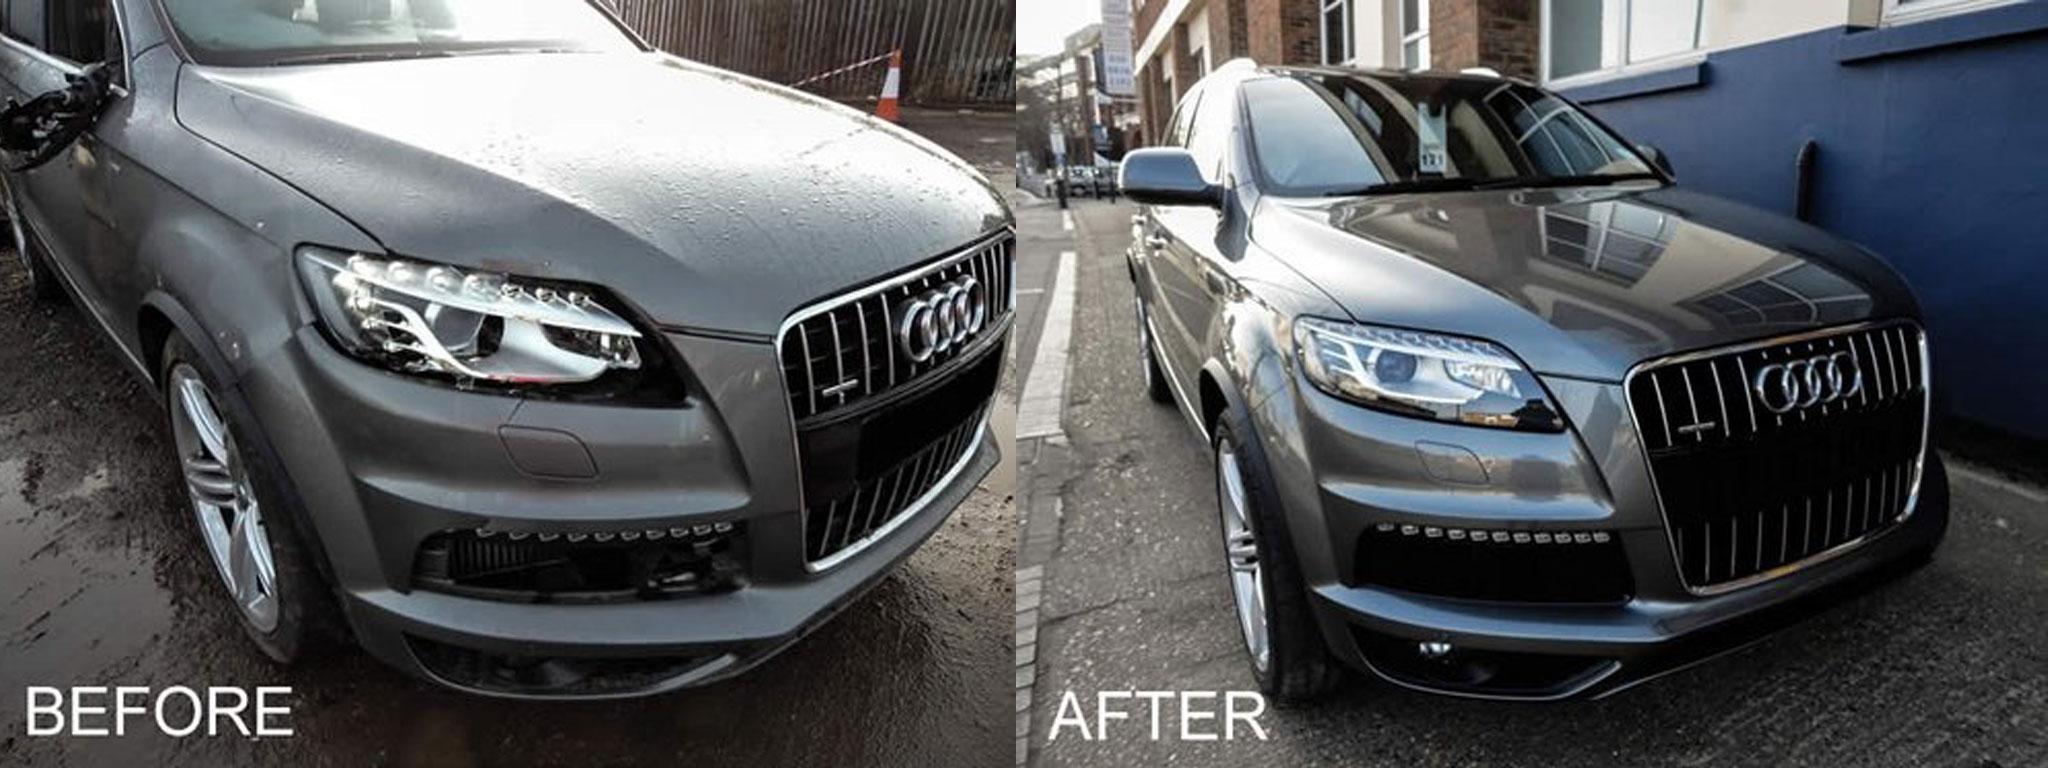 Audi scatch repair